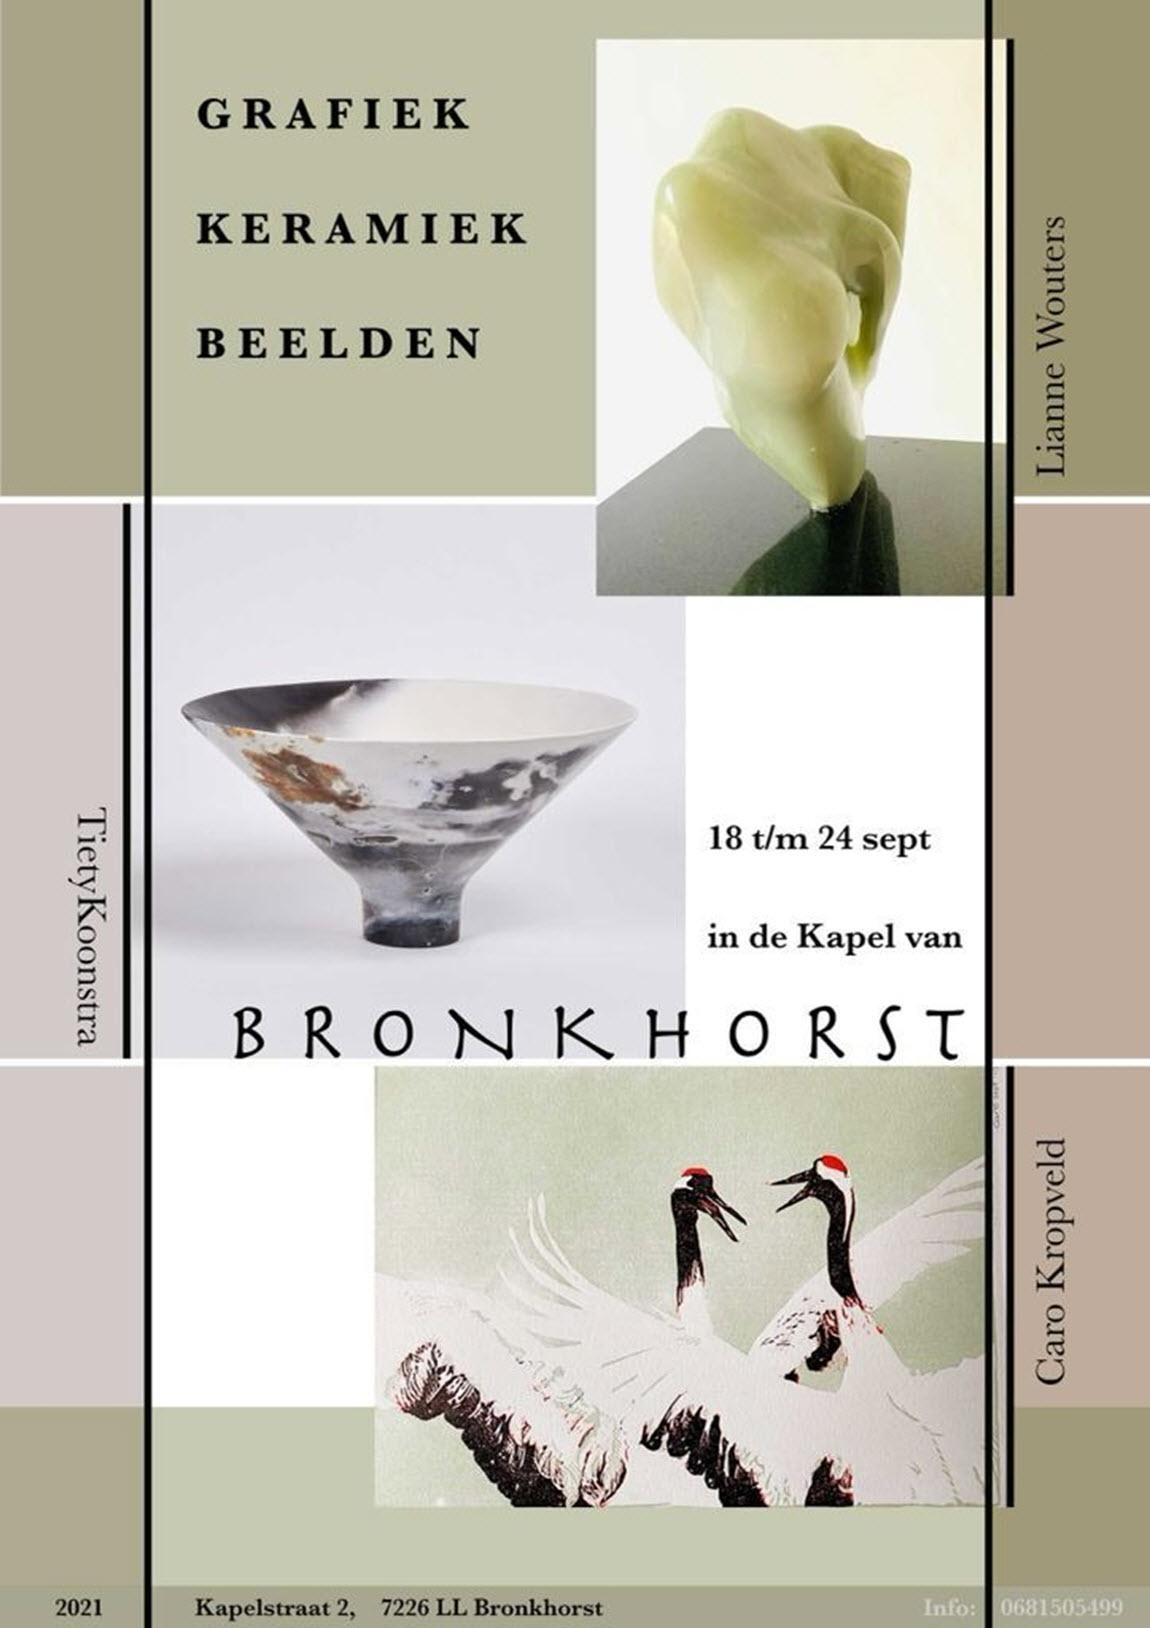 Grafiek Keramiek Beelden